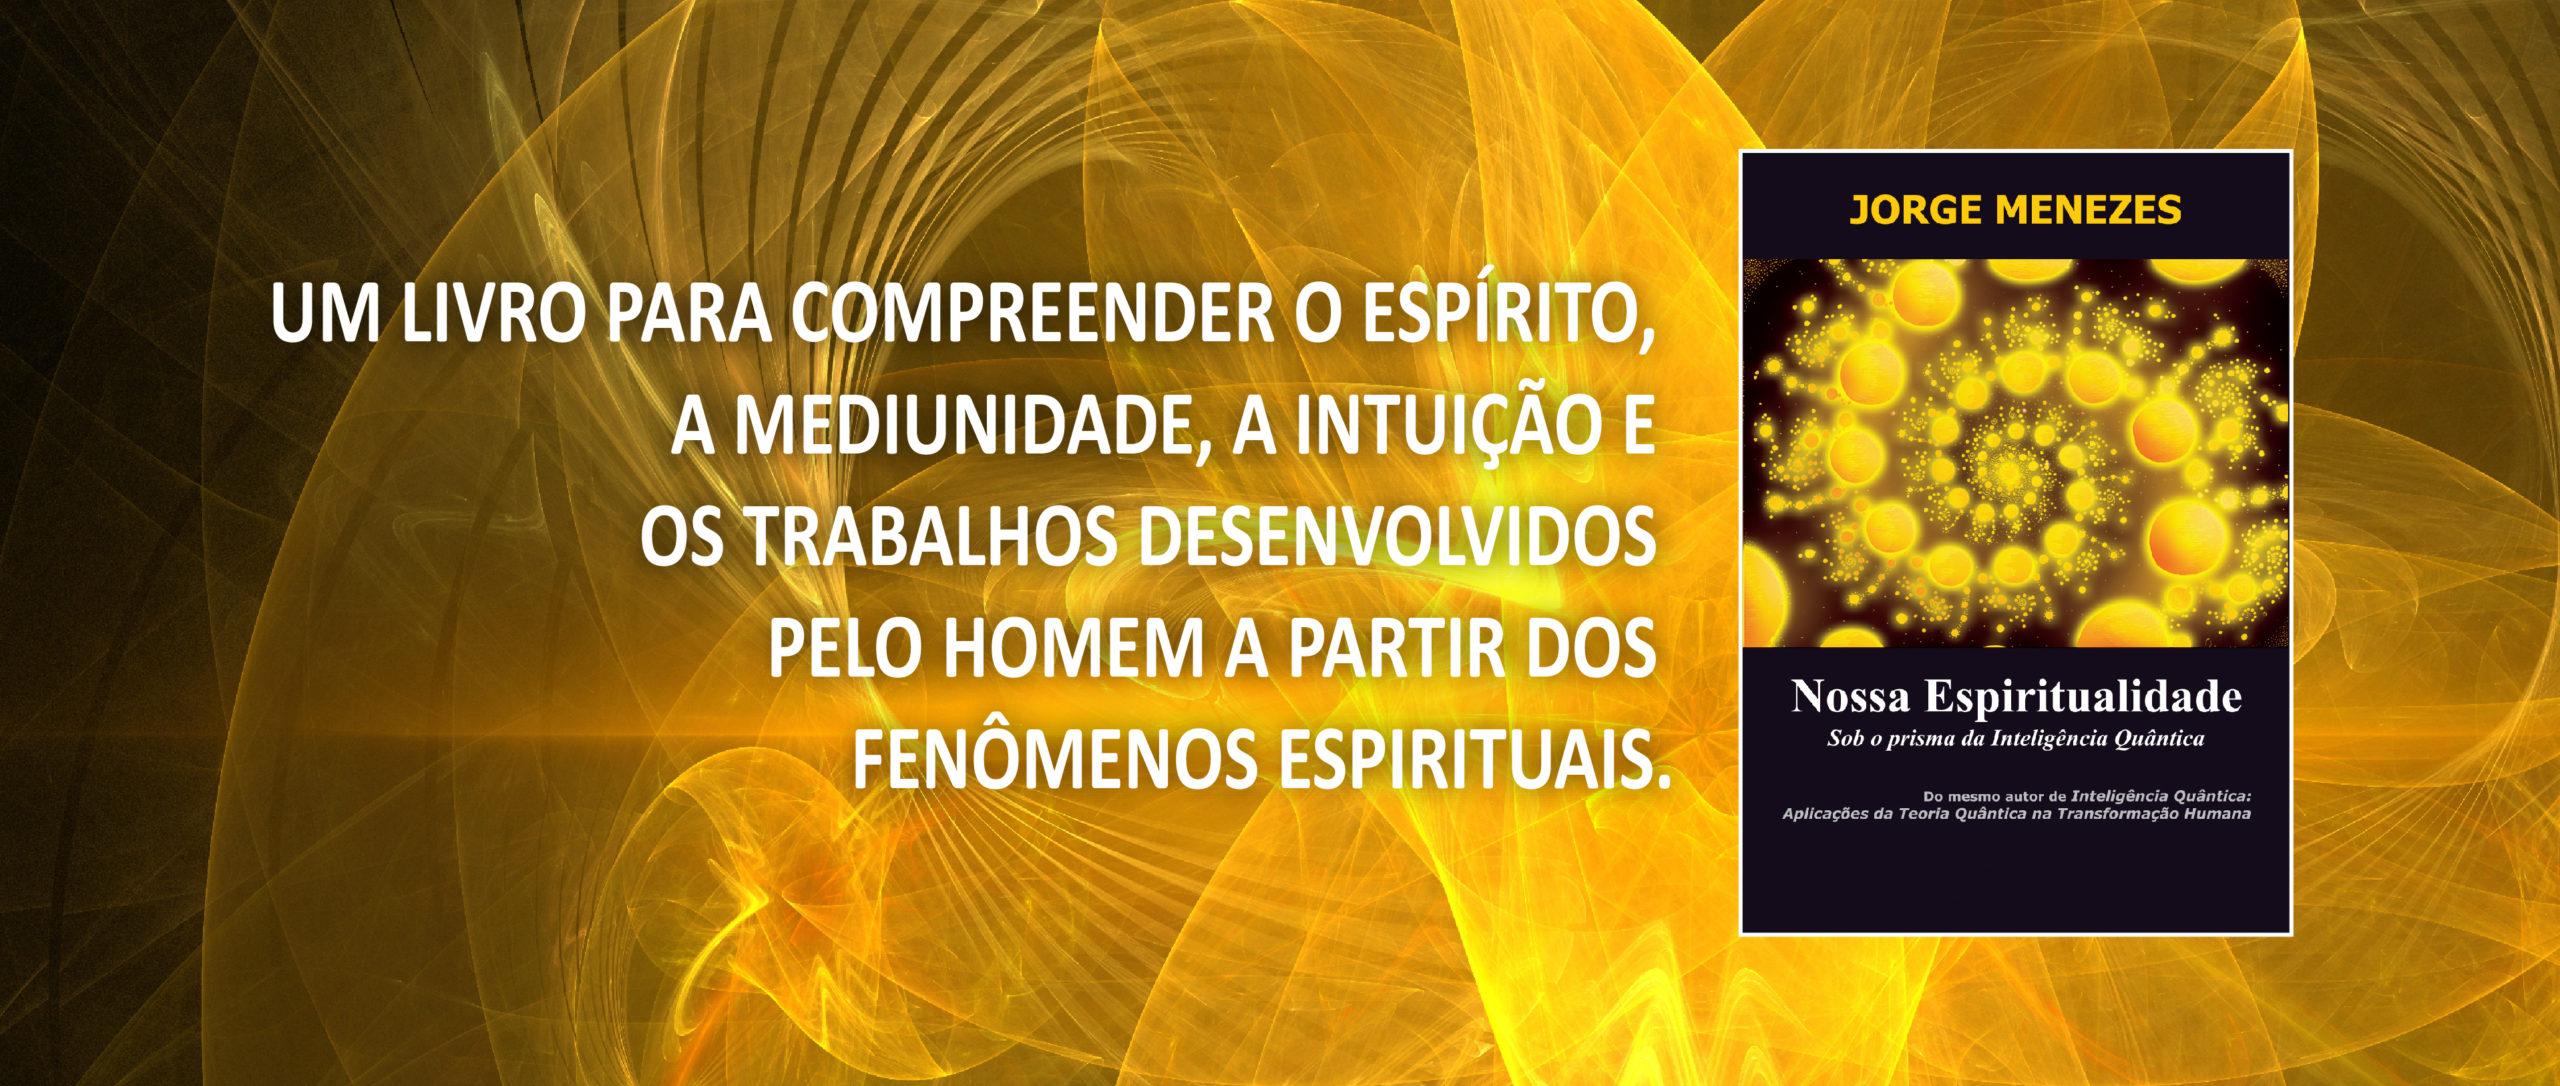 Espiritualidade-01